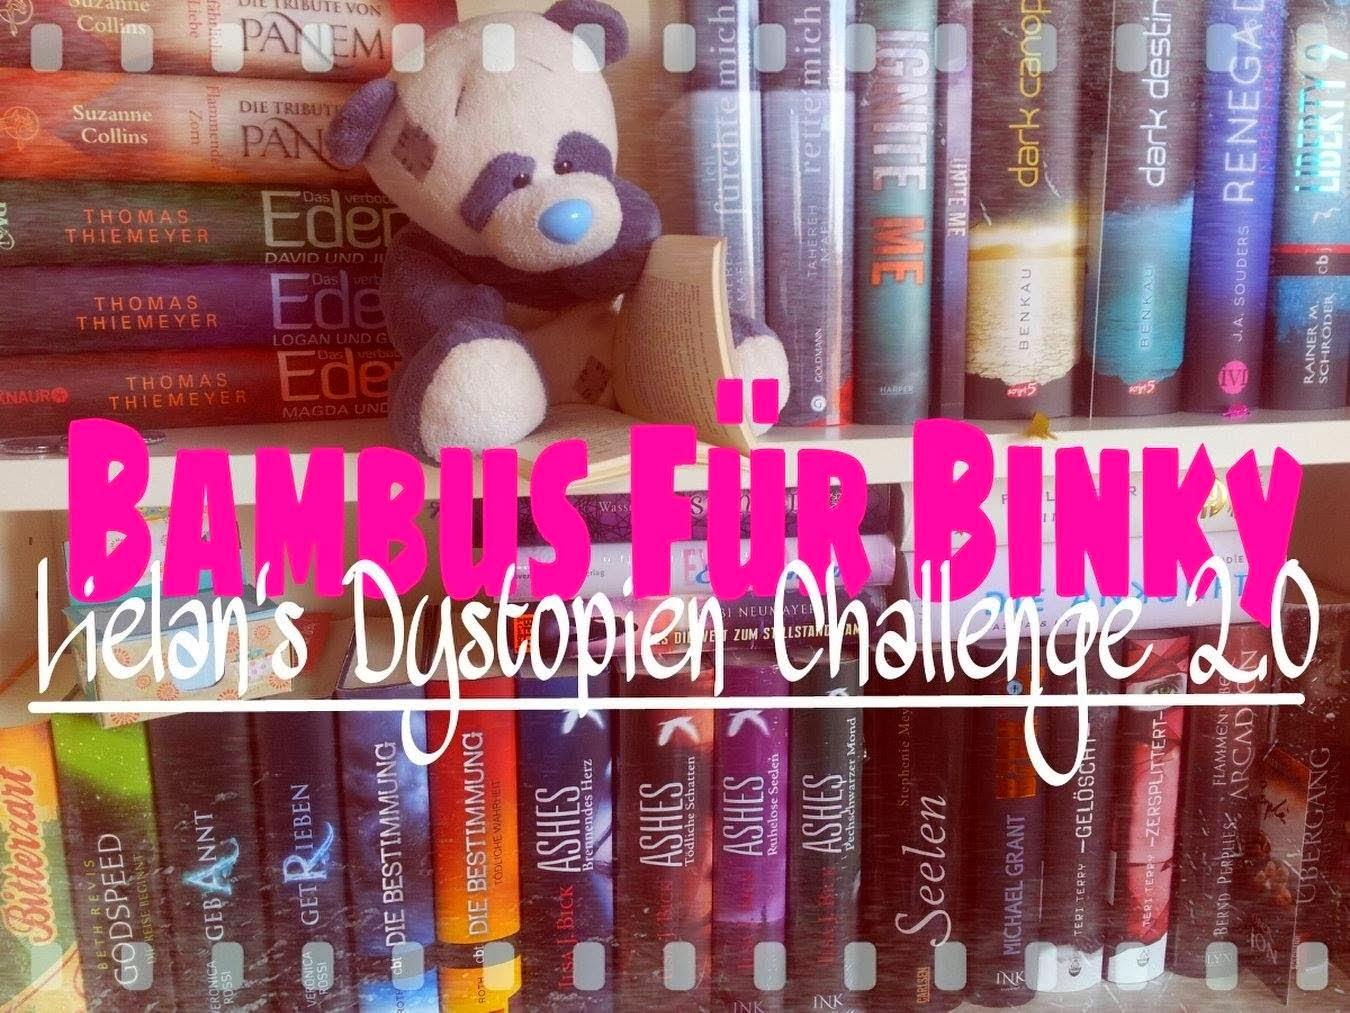 http://lielan-reads.blogspot.de/2014/03/lielans-dystopien-challenge-20.html